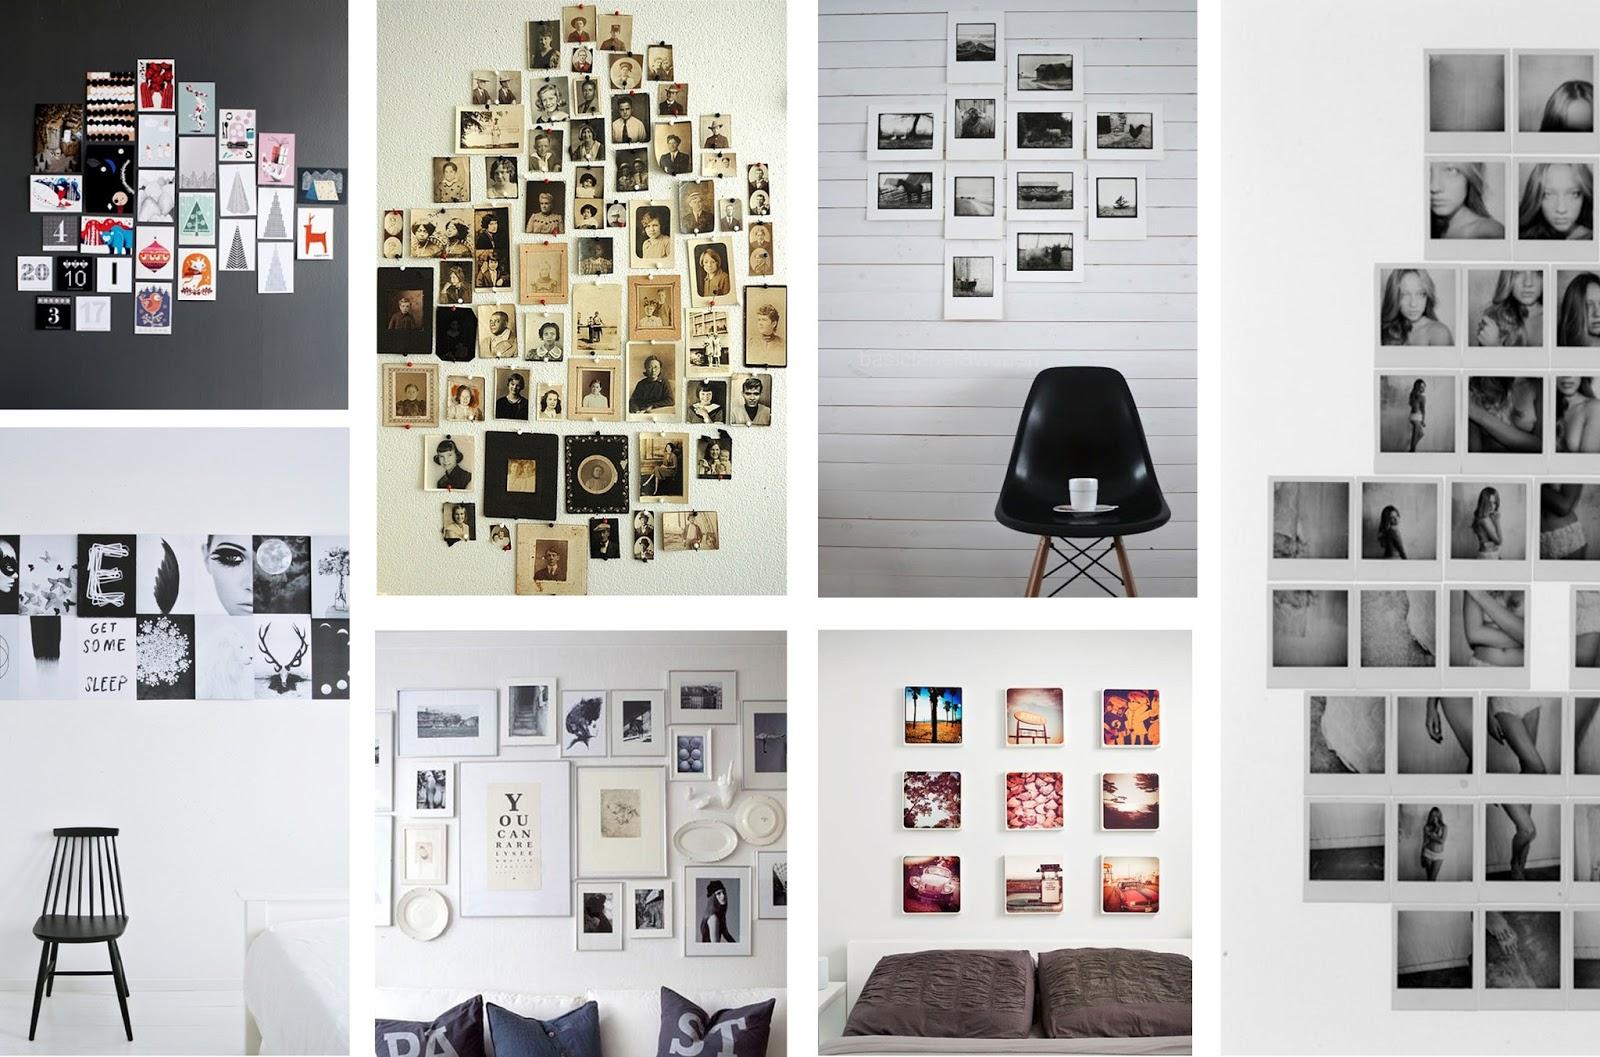 Bien pensado decoraci n con fotos casa y mantel - Decoracion de paredes con fotos ...